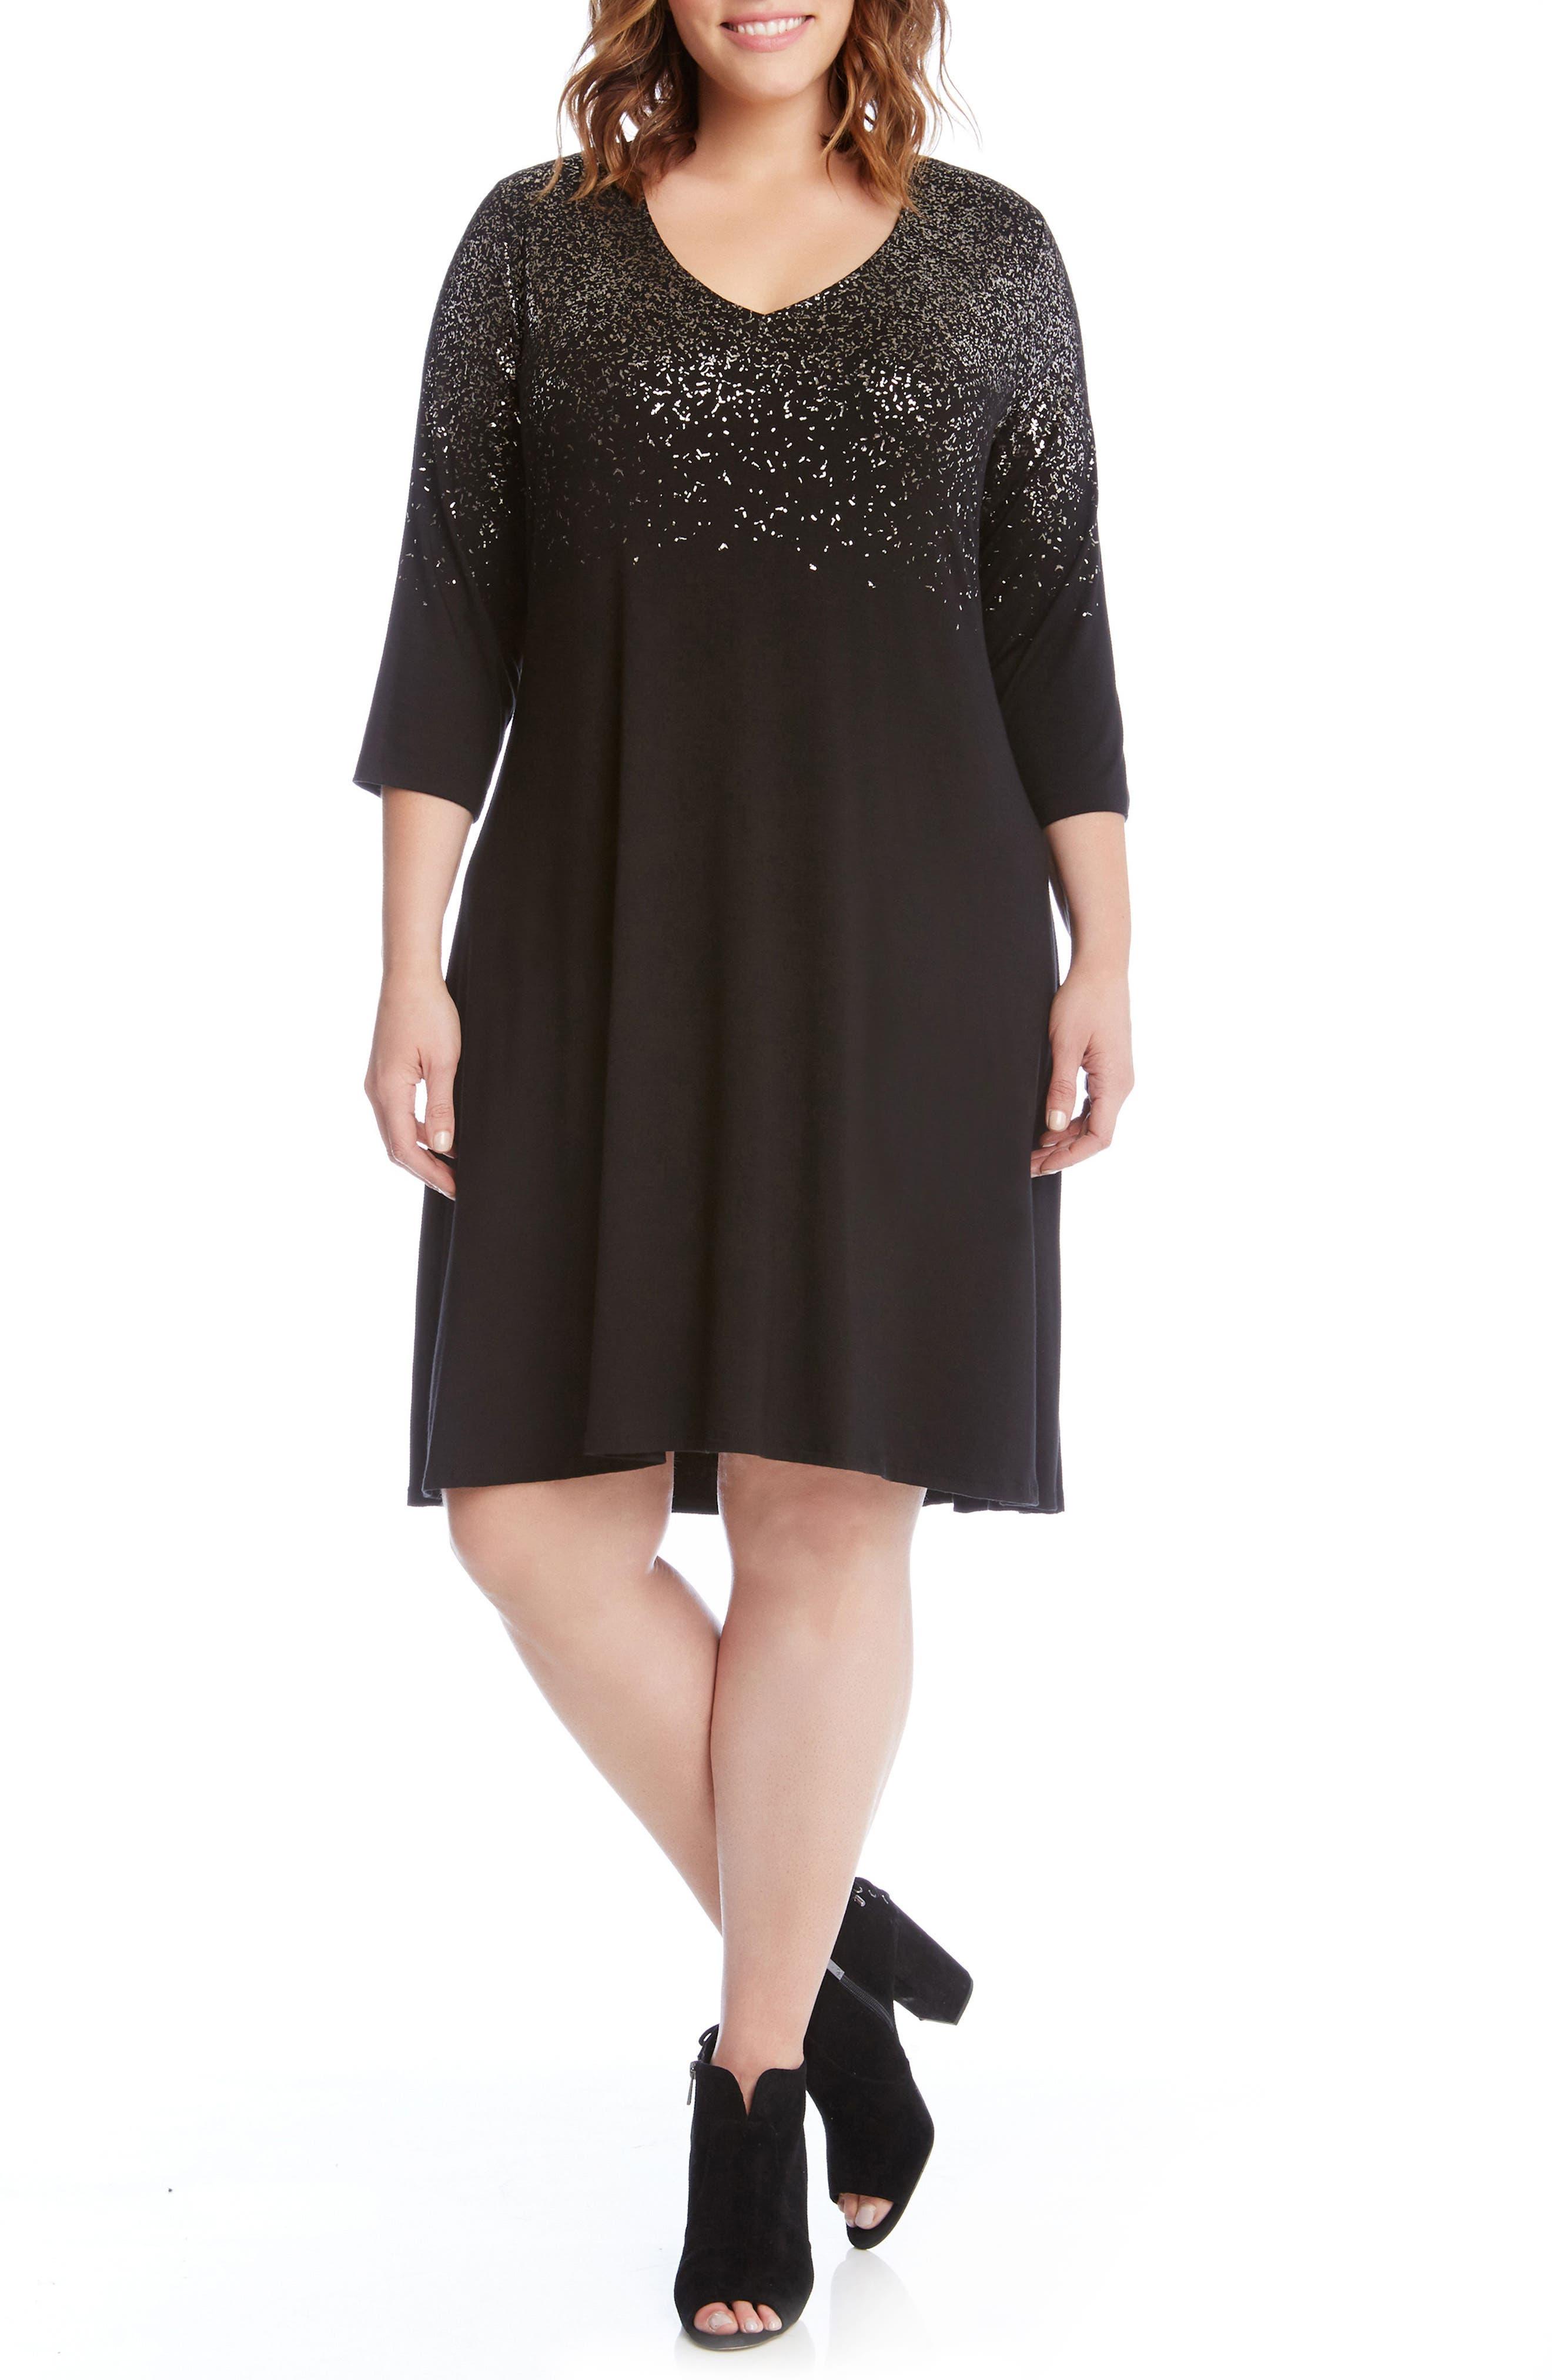 Main Image - Karen Kane Speckled Print A-Line Dress (Plus Size)